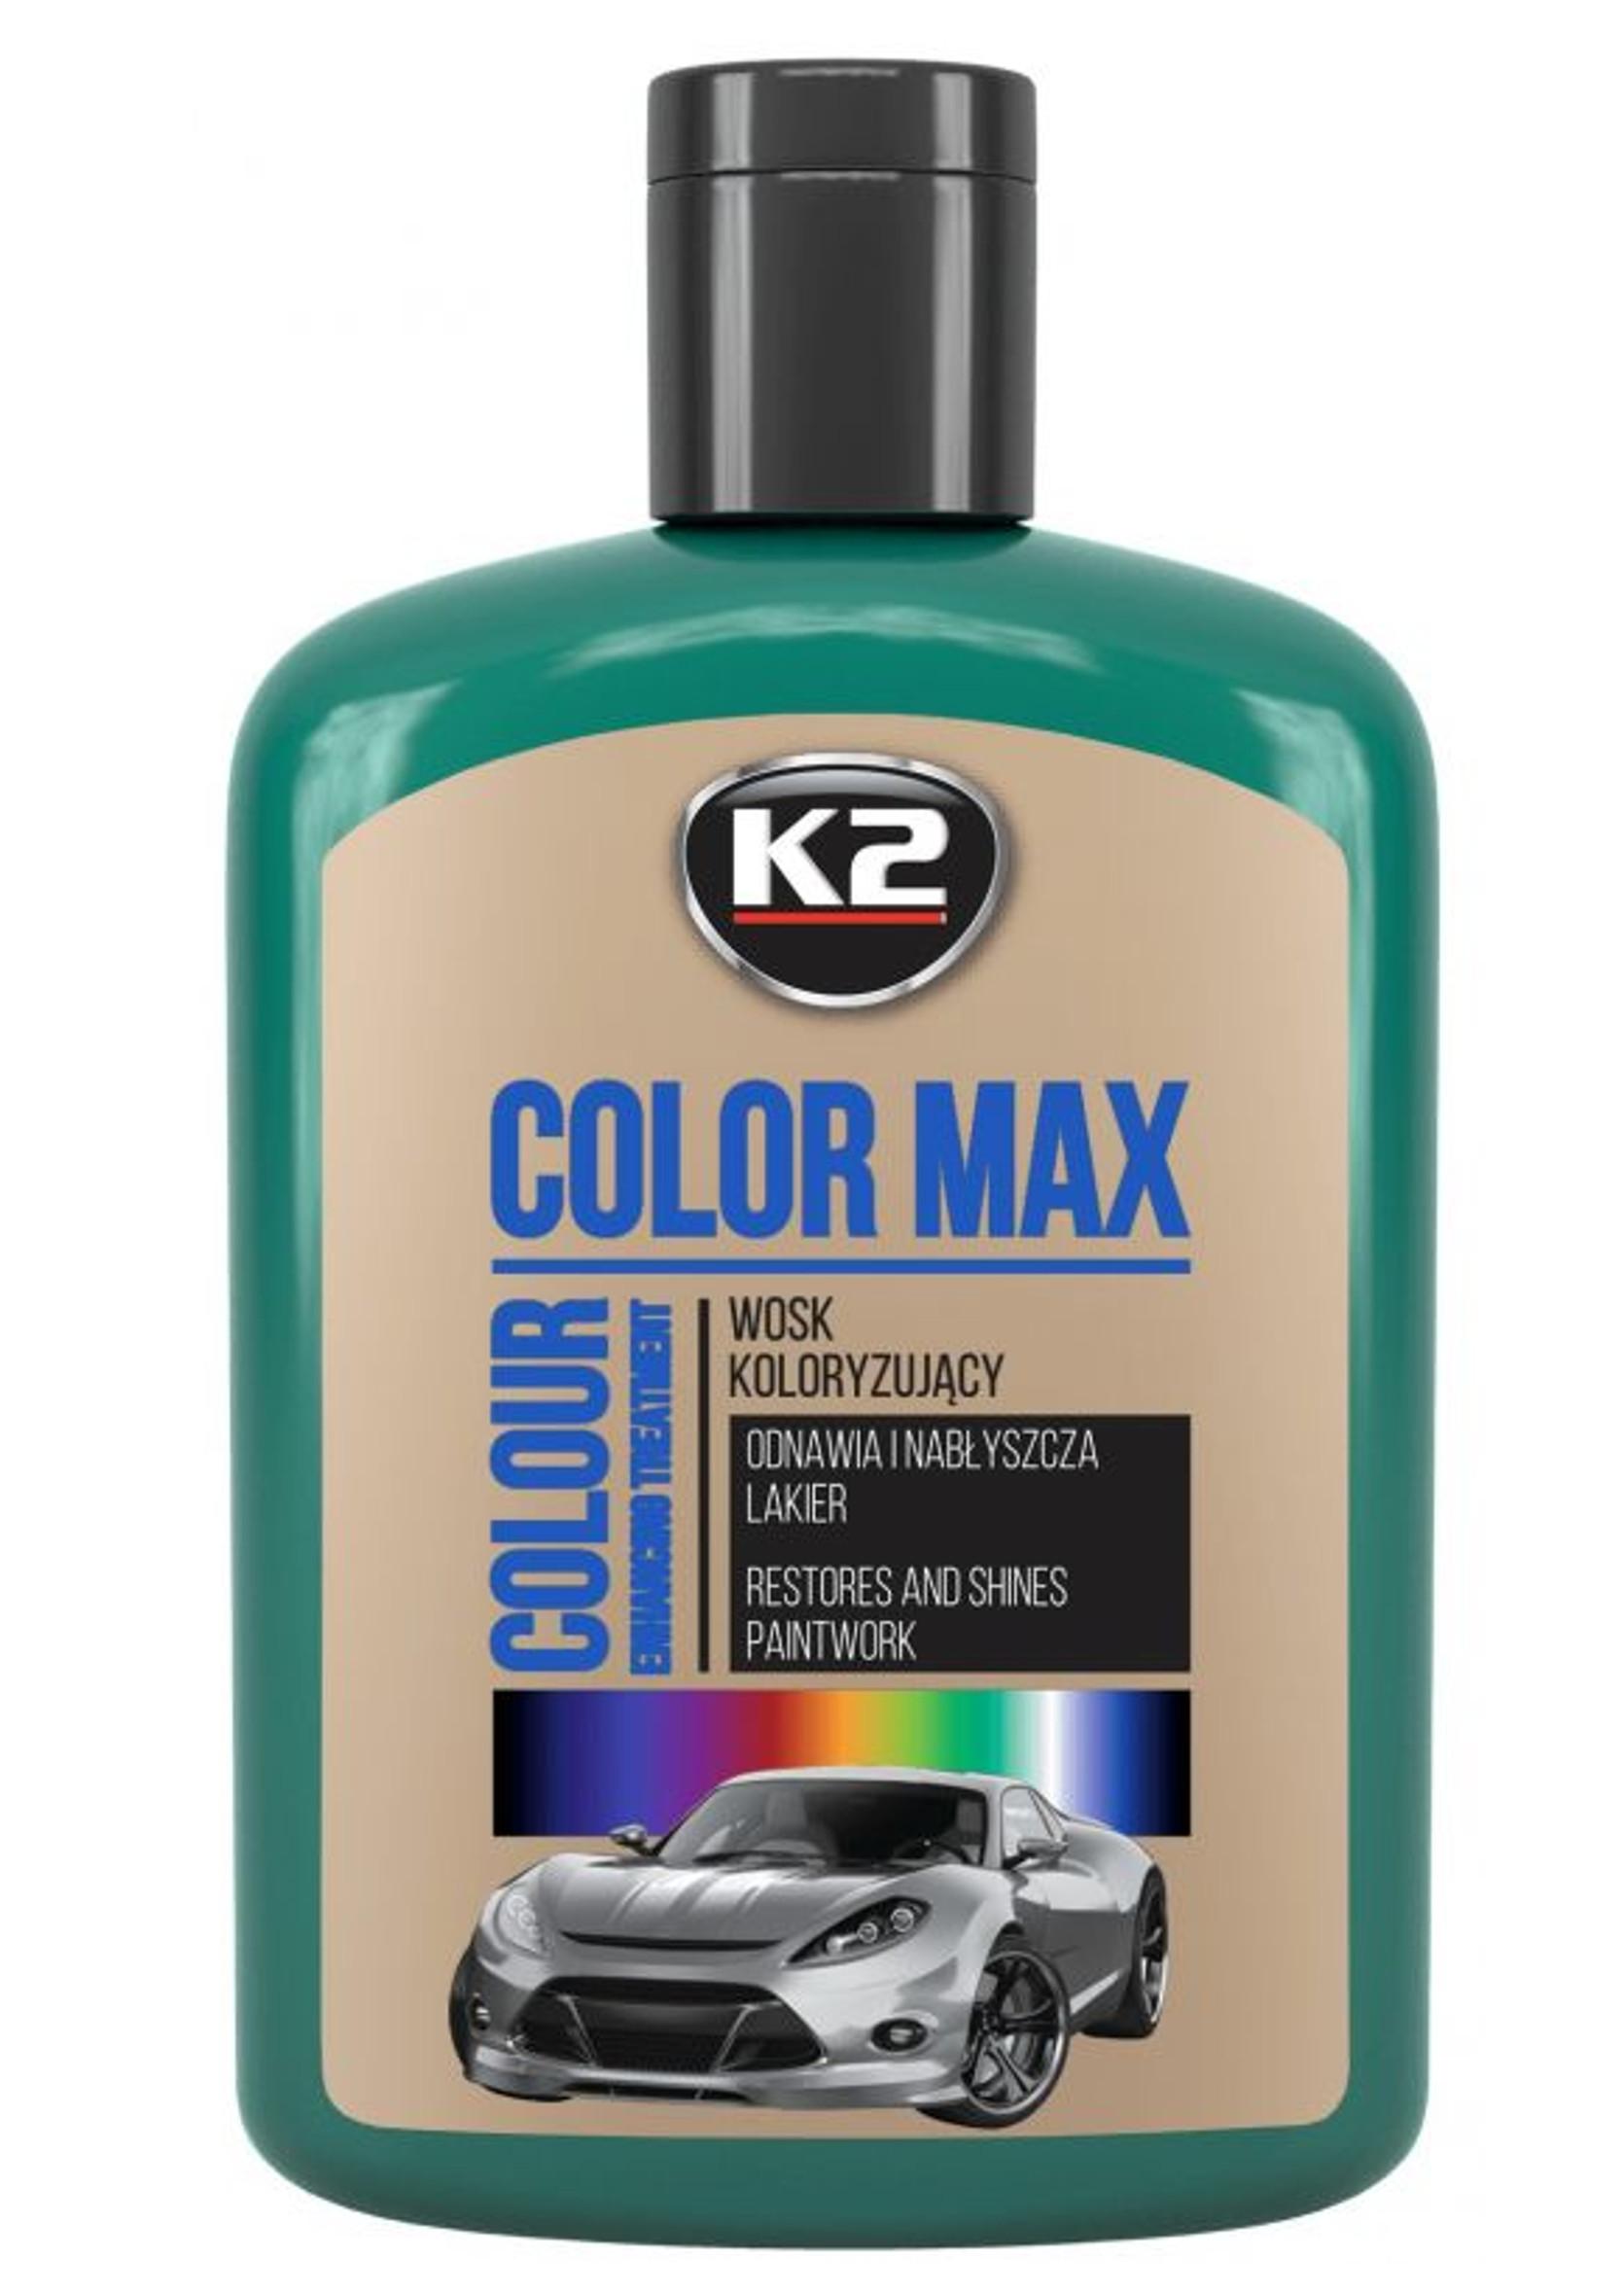 K2 Color Max 200ml Zielony Wosk Koloryzujący do Lakieru